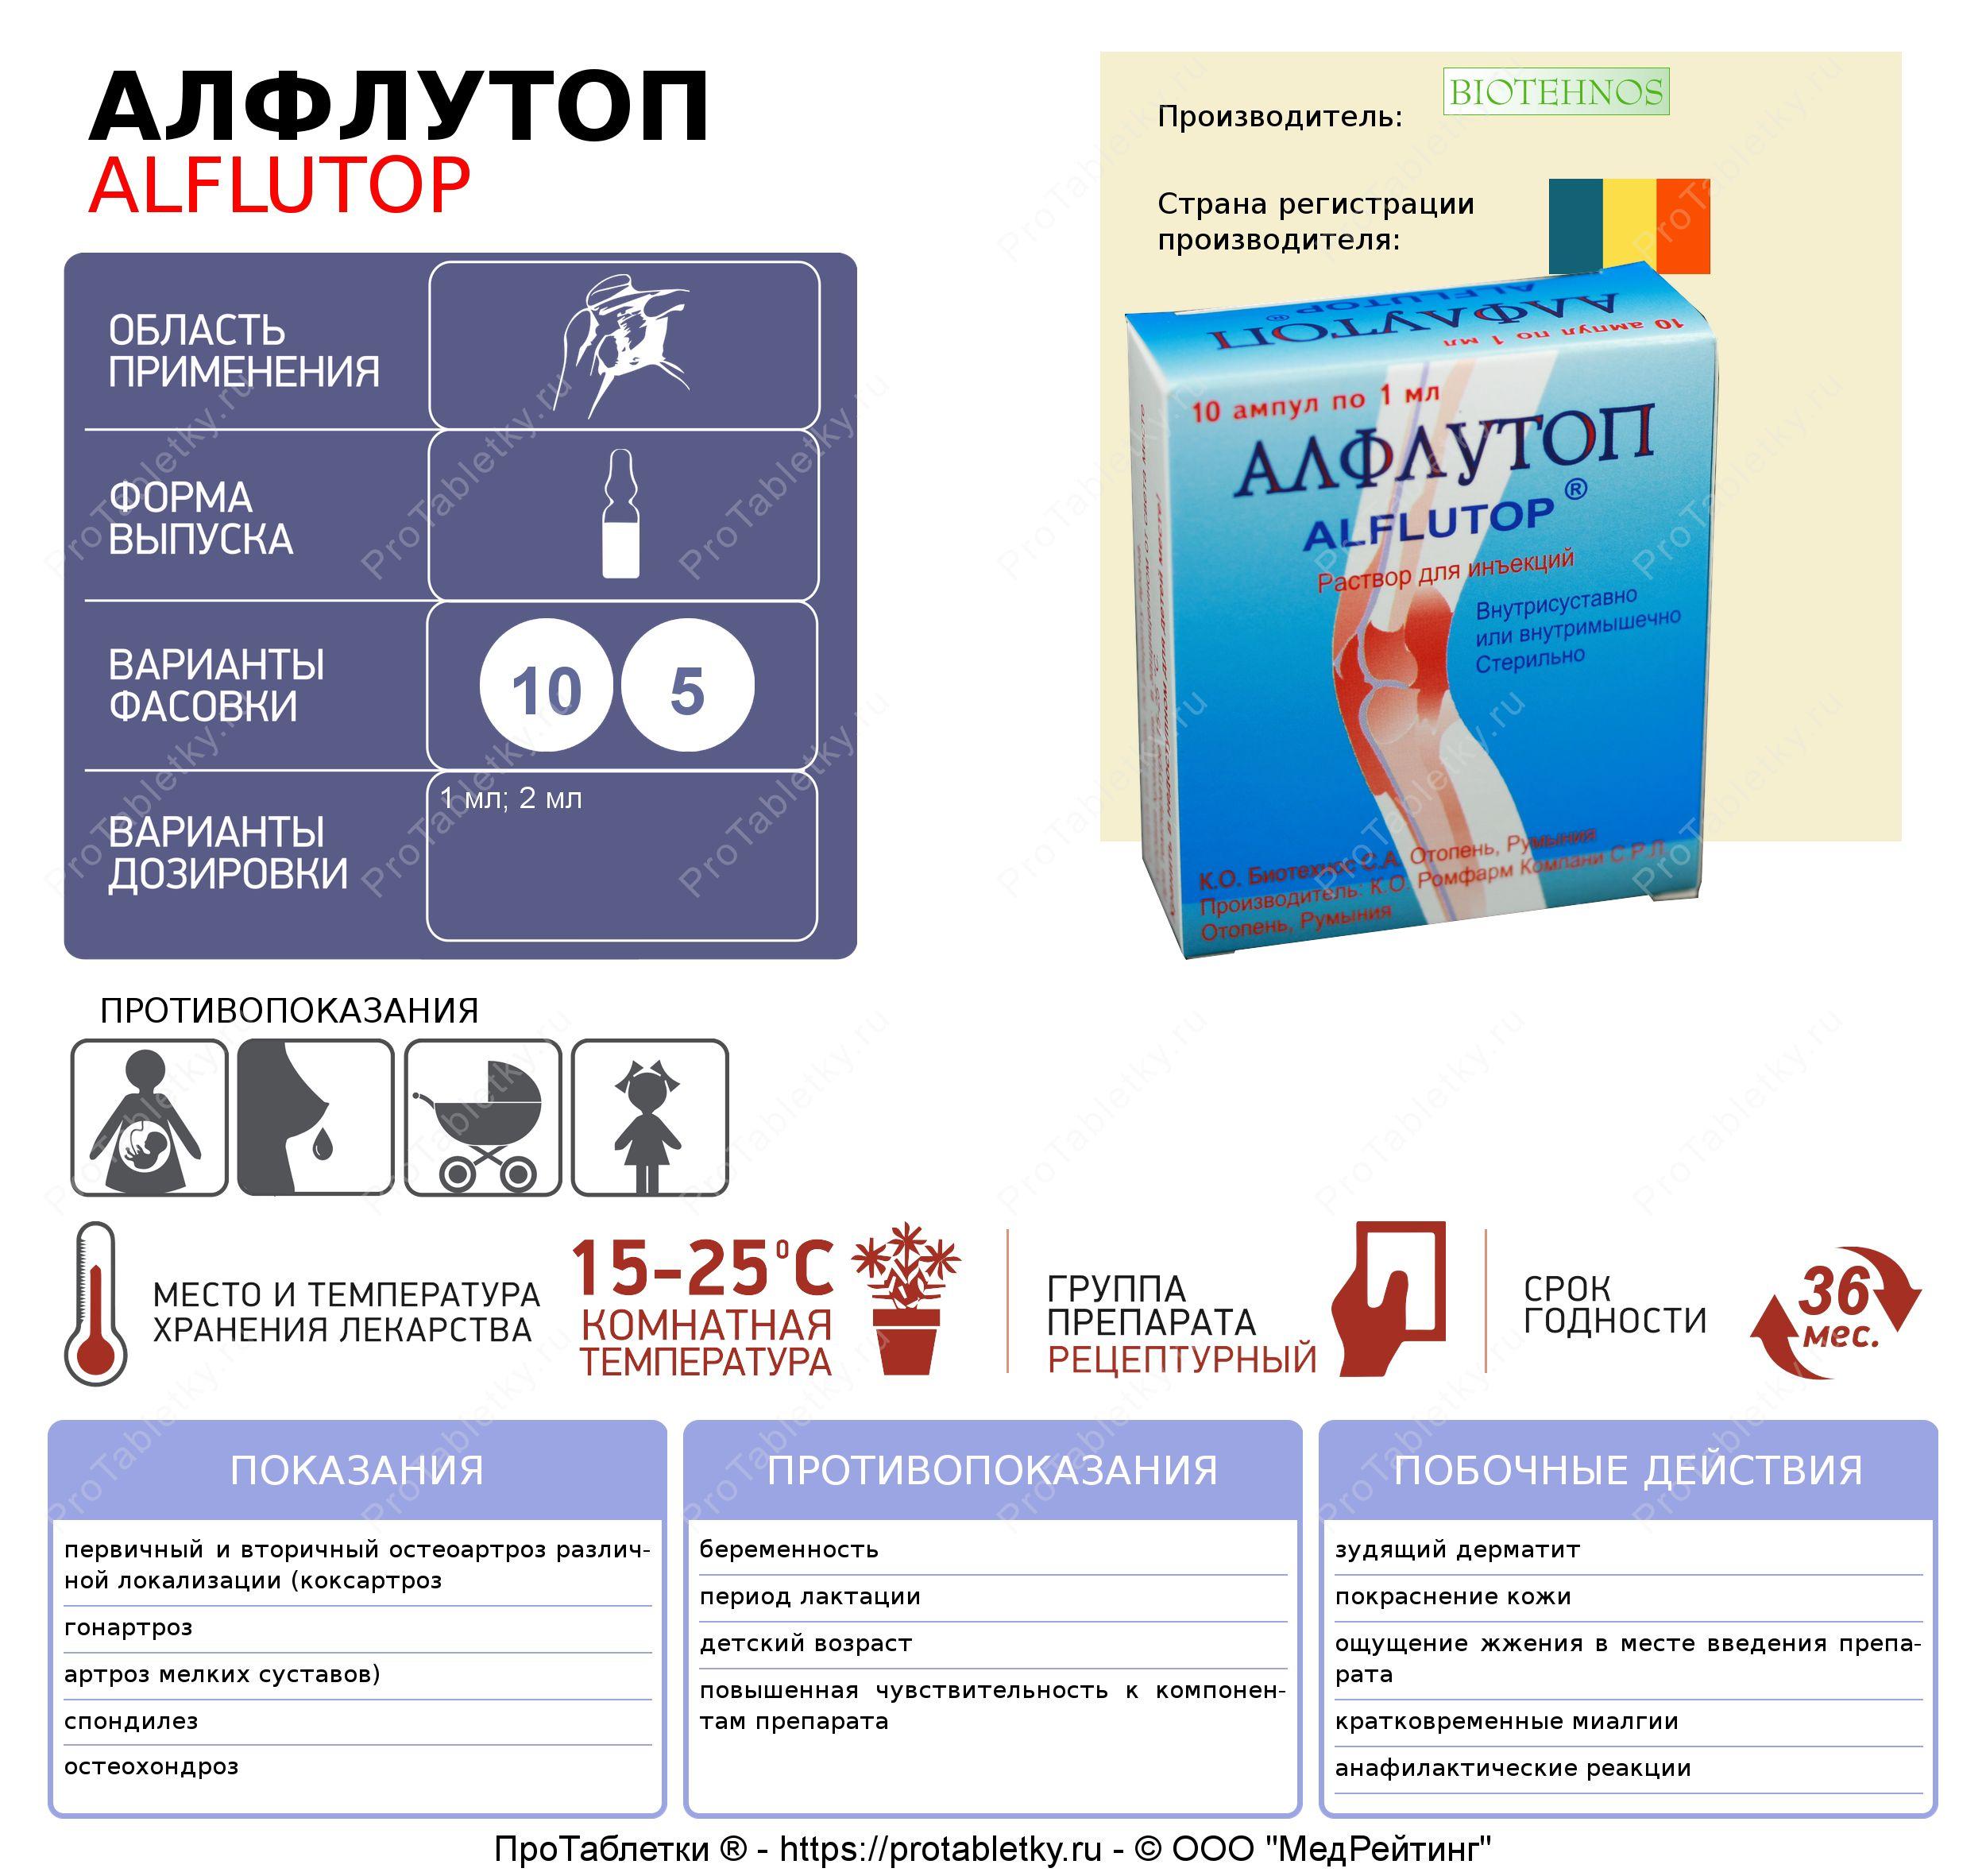 Алфлутоп отзывы врачей и пациентов показания к применению аналоги препарата